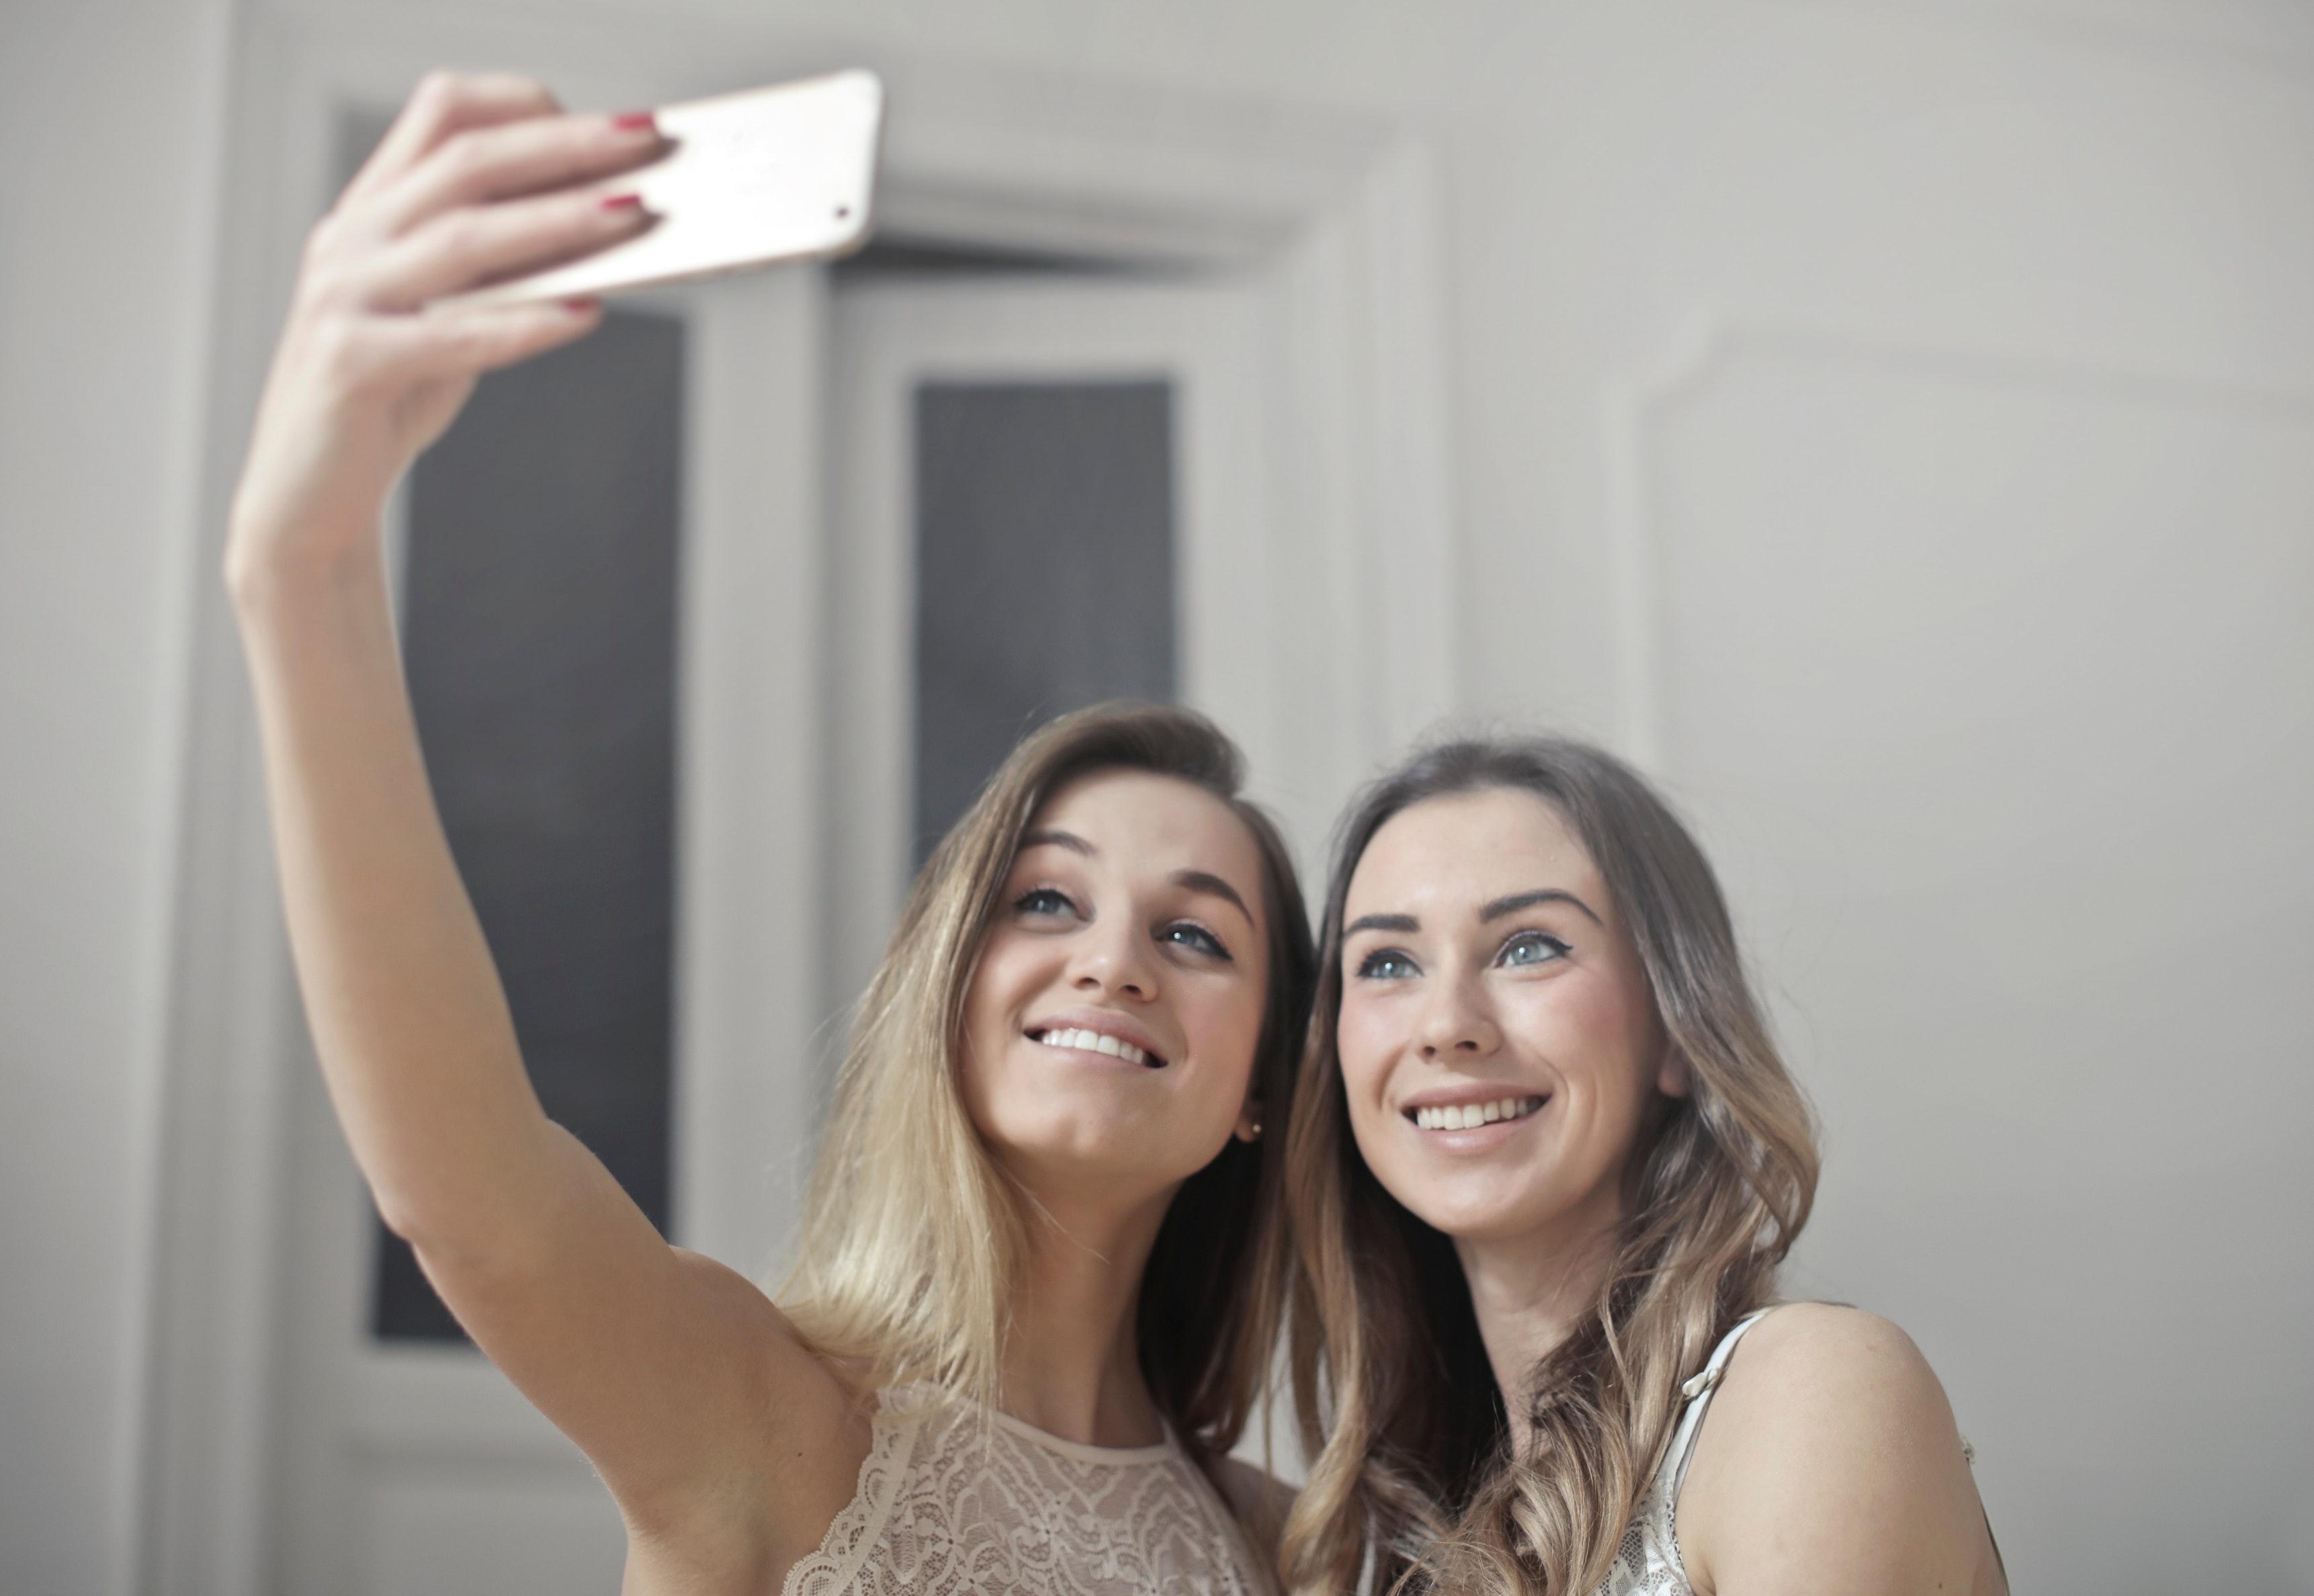 (P) Ce sunt fațetele dentare, cât costă și cum te pot ajuta să obții un zâmbet perfect?